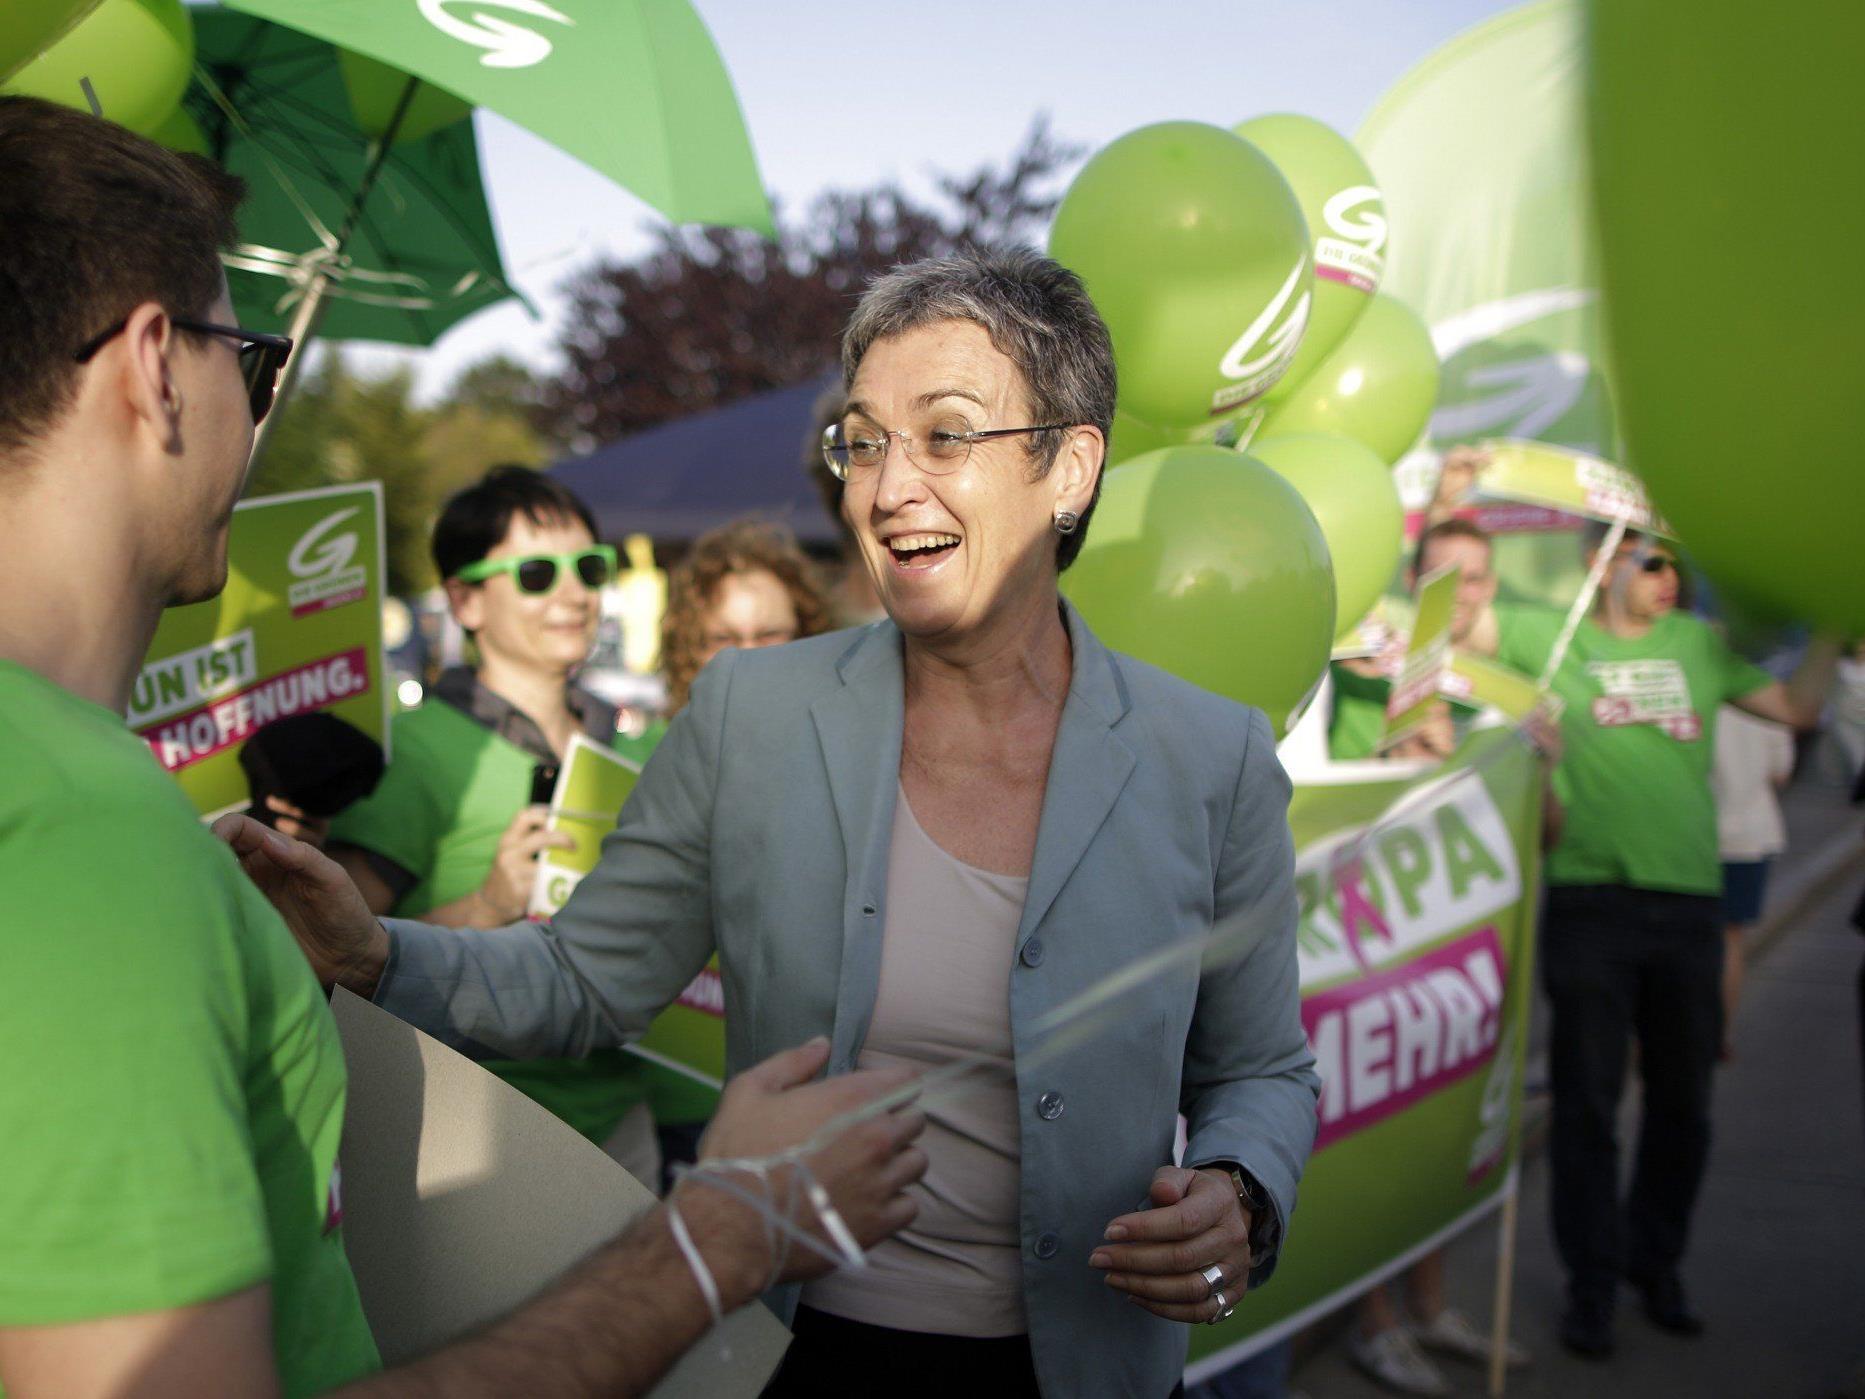 EU-Wahl - Grüner Abschluss für stärkeres Europa